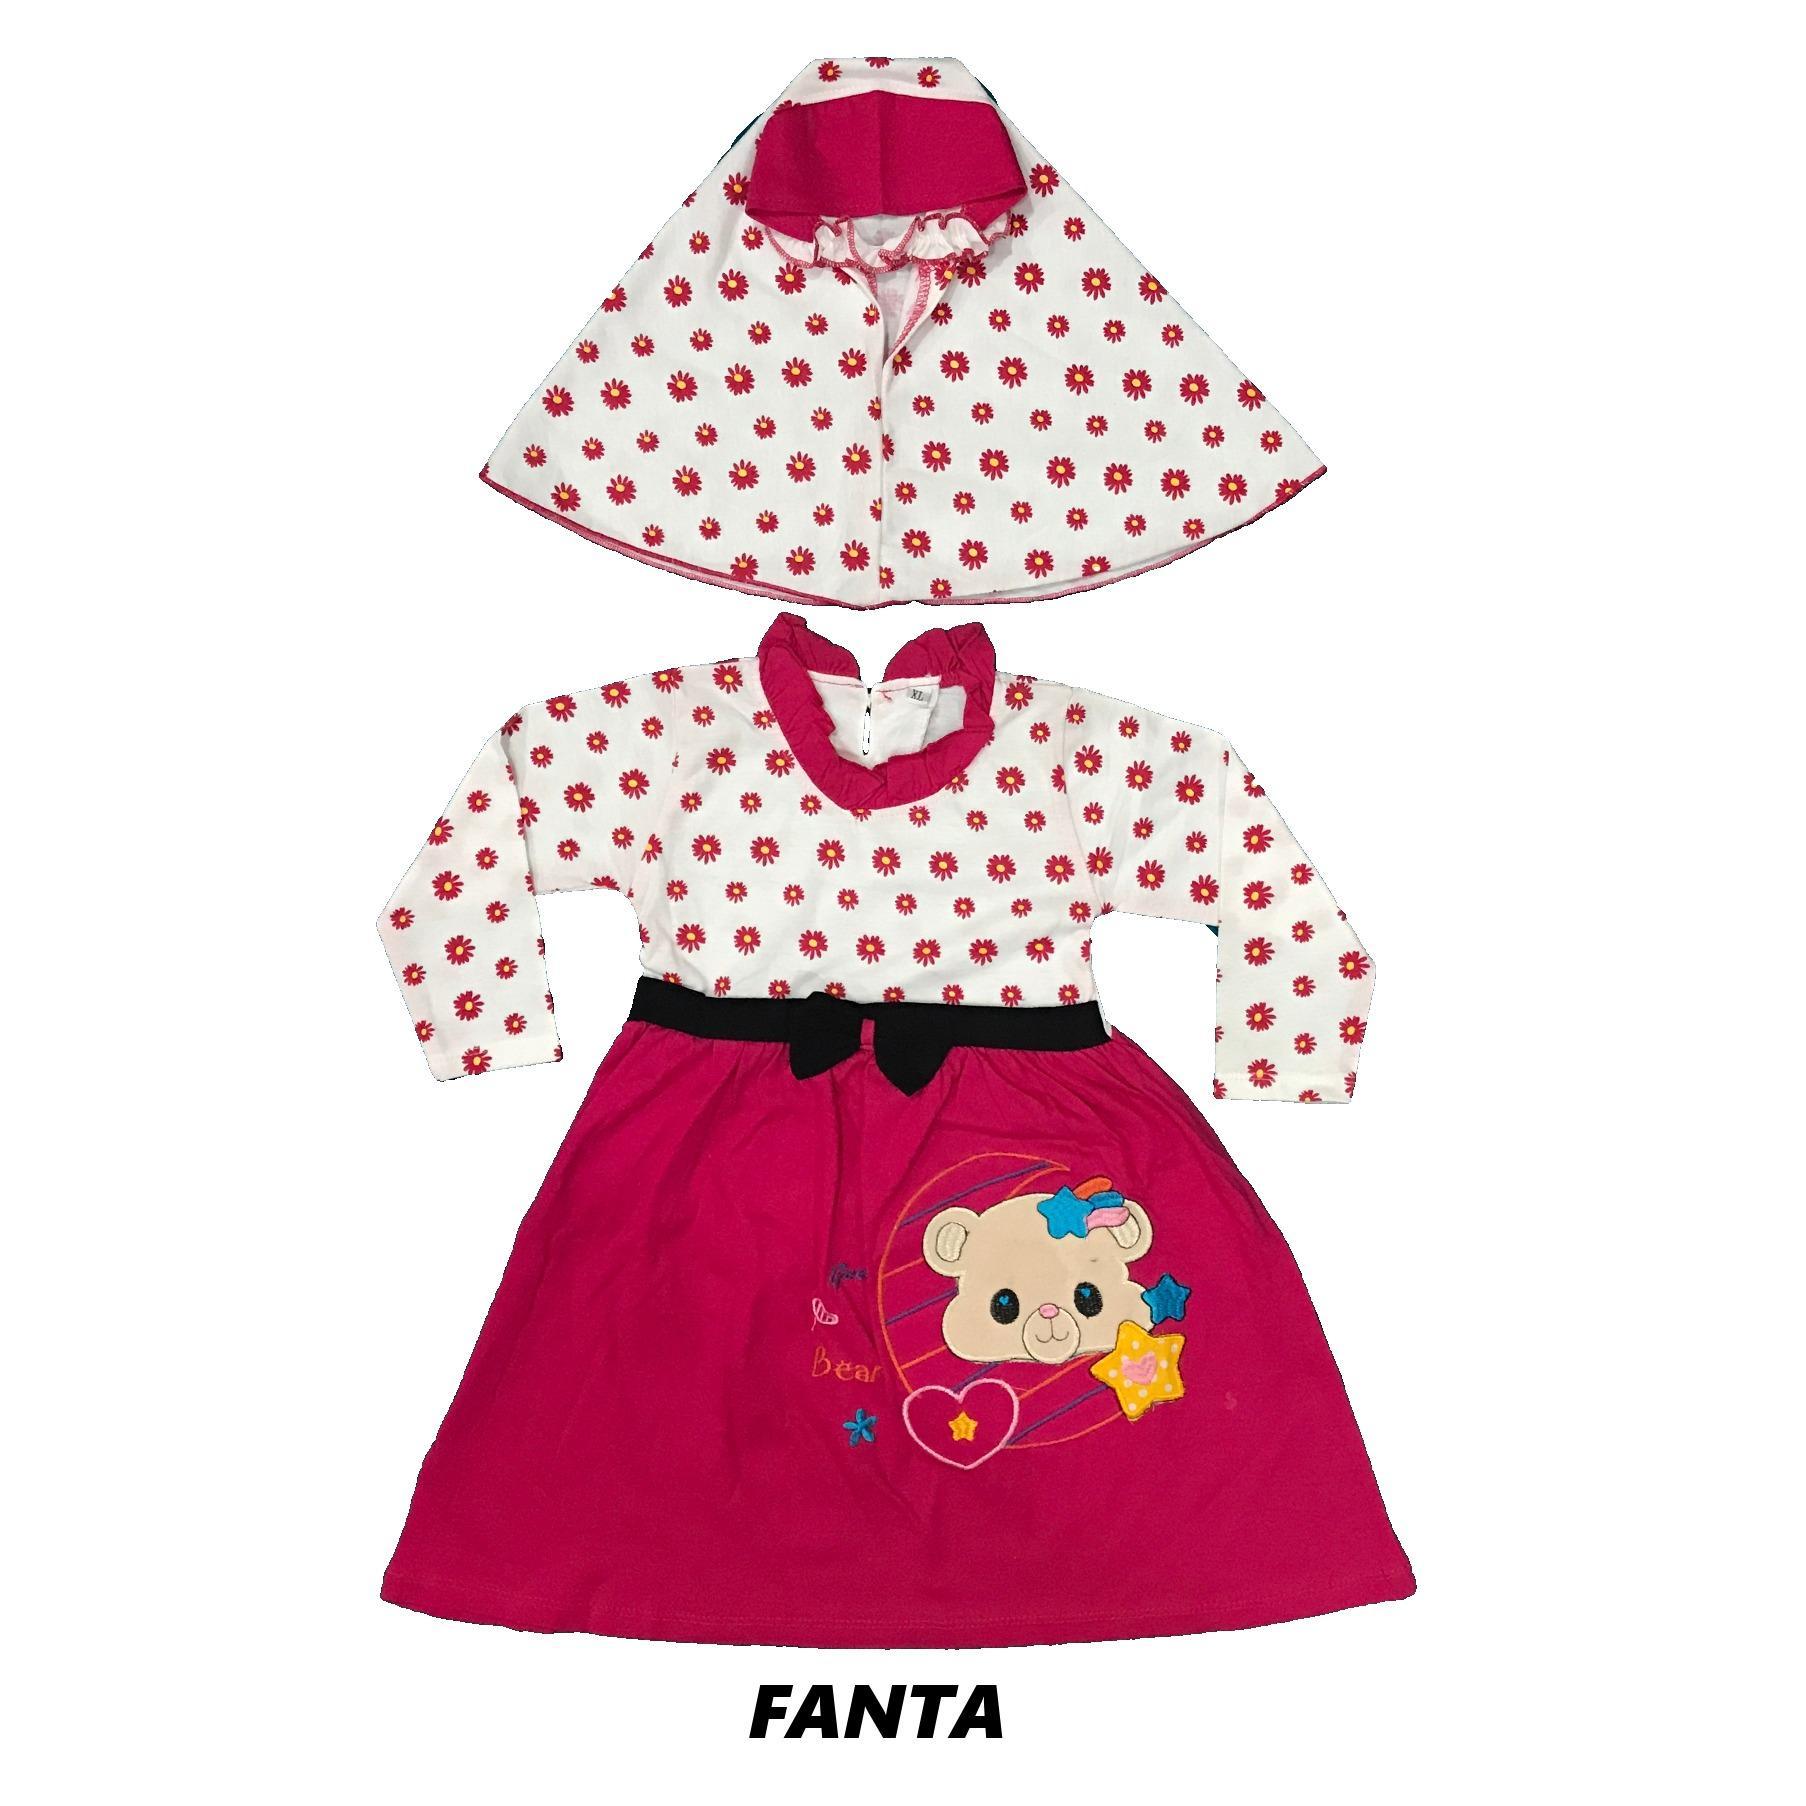 BAYIe - Baju Muslim Bayi Perempuan YUNISA motif BEAR / Gamis anak cewek umur 1 - 2,5 tahun